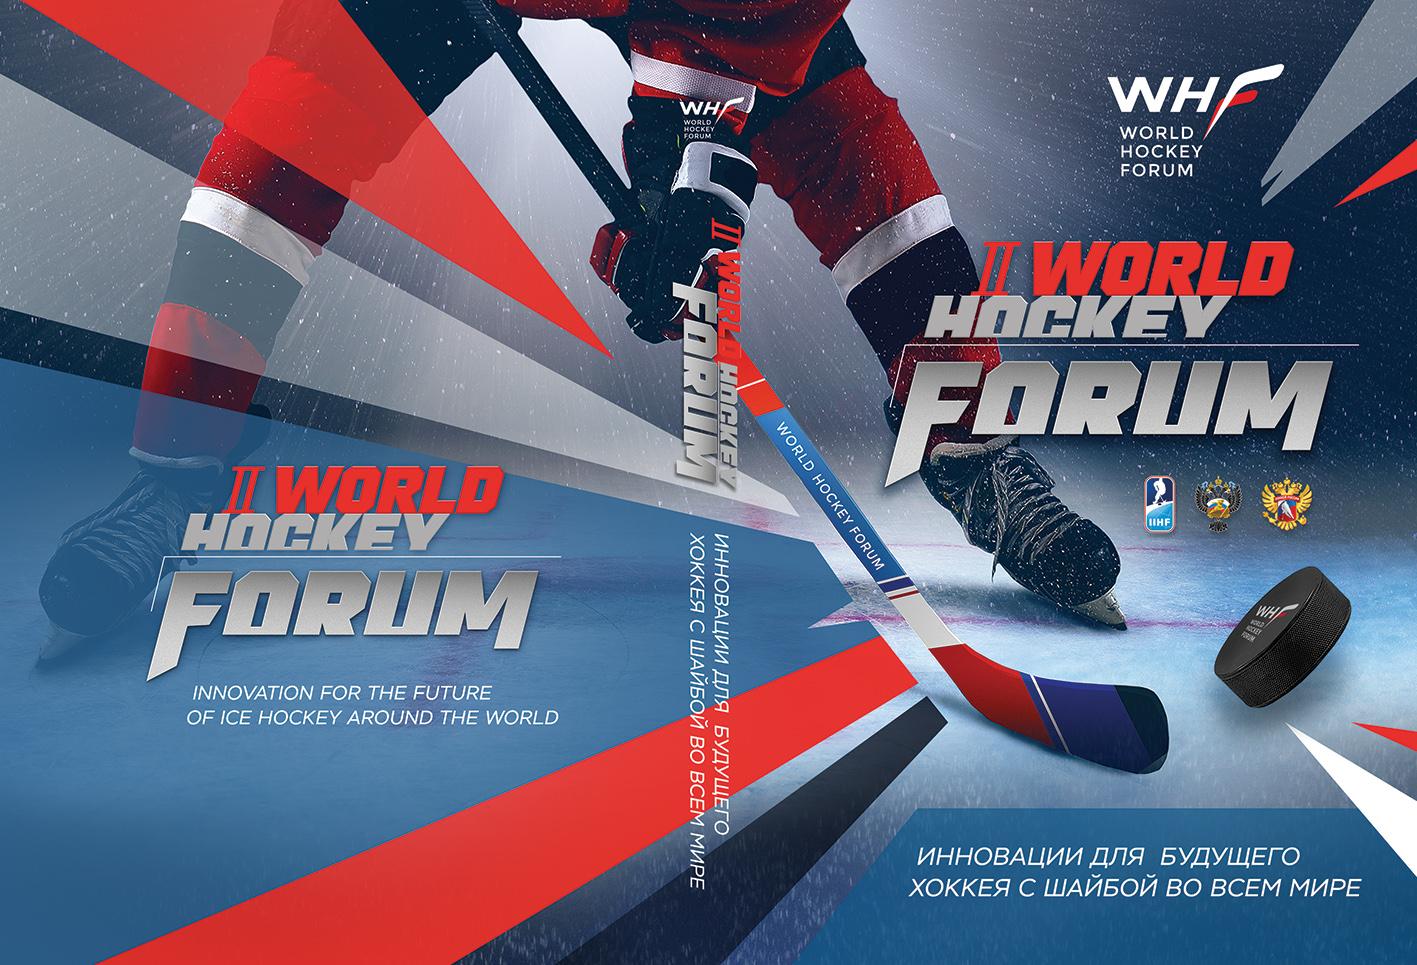 Инновации для будущего хоккея с шайбой во всем мире